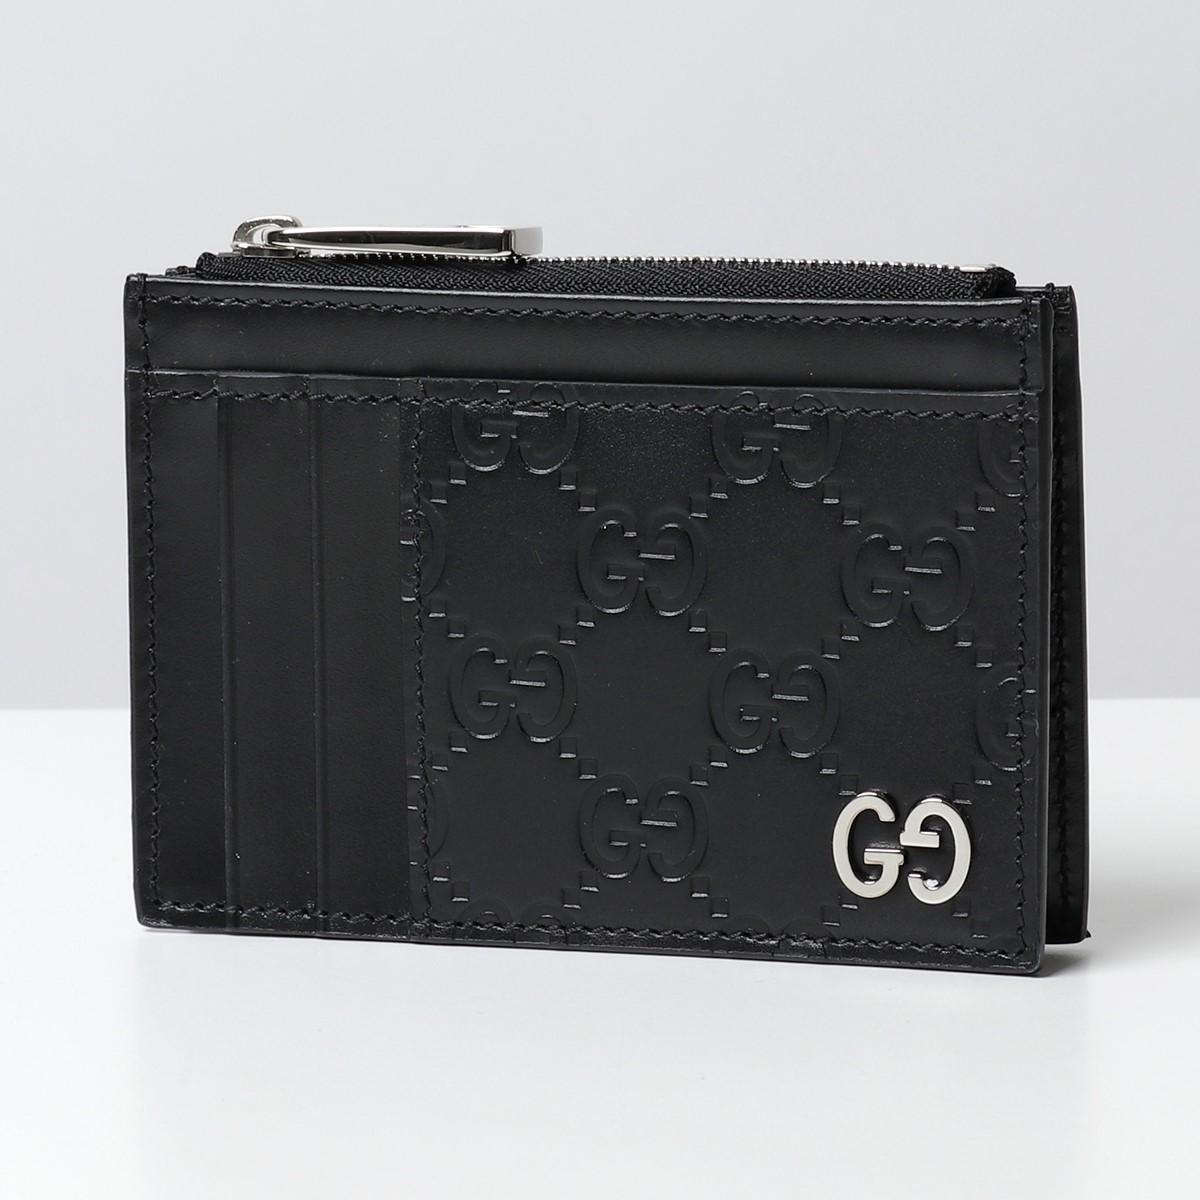 GUCCI グッチ 597560 CWC1N シグネチャー レザー カードケース コインケース GGスプリーム パスケース 1000 メンズ